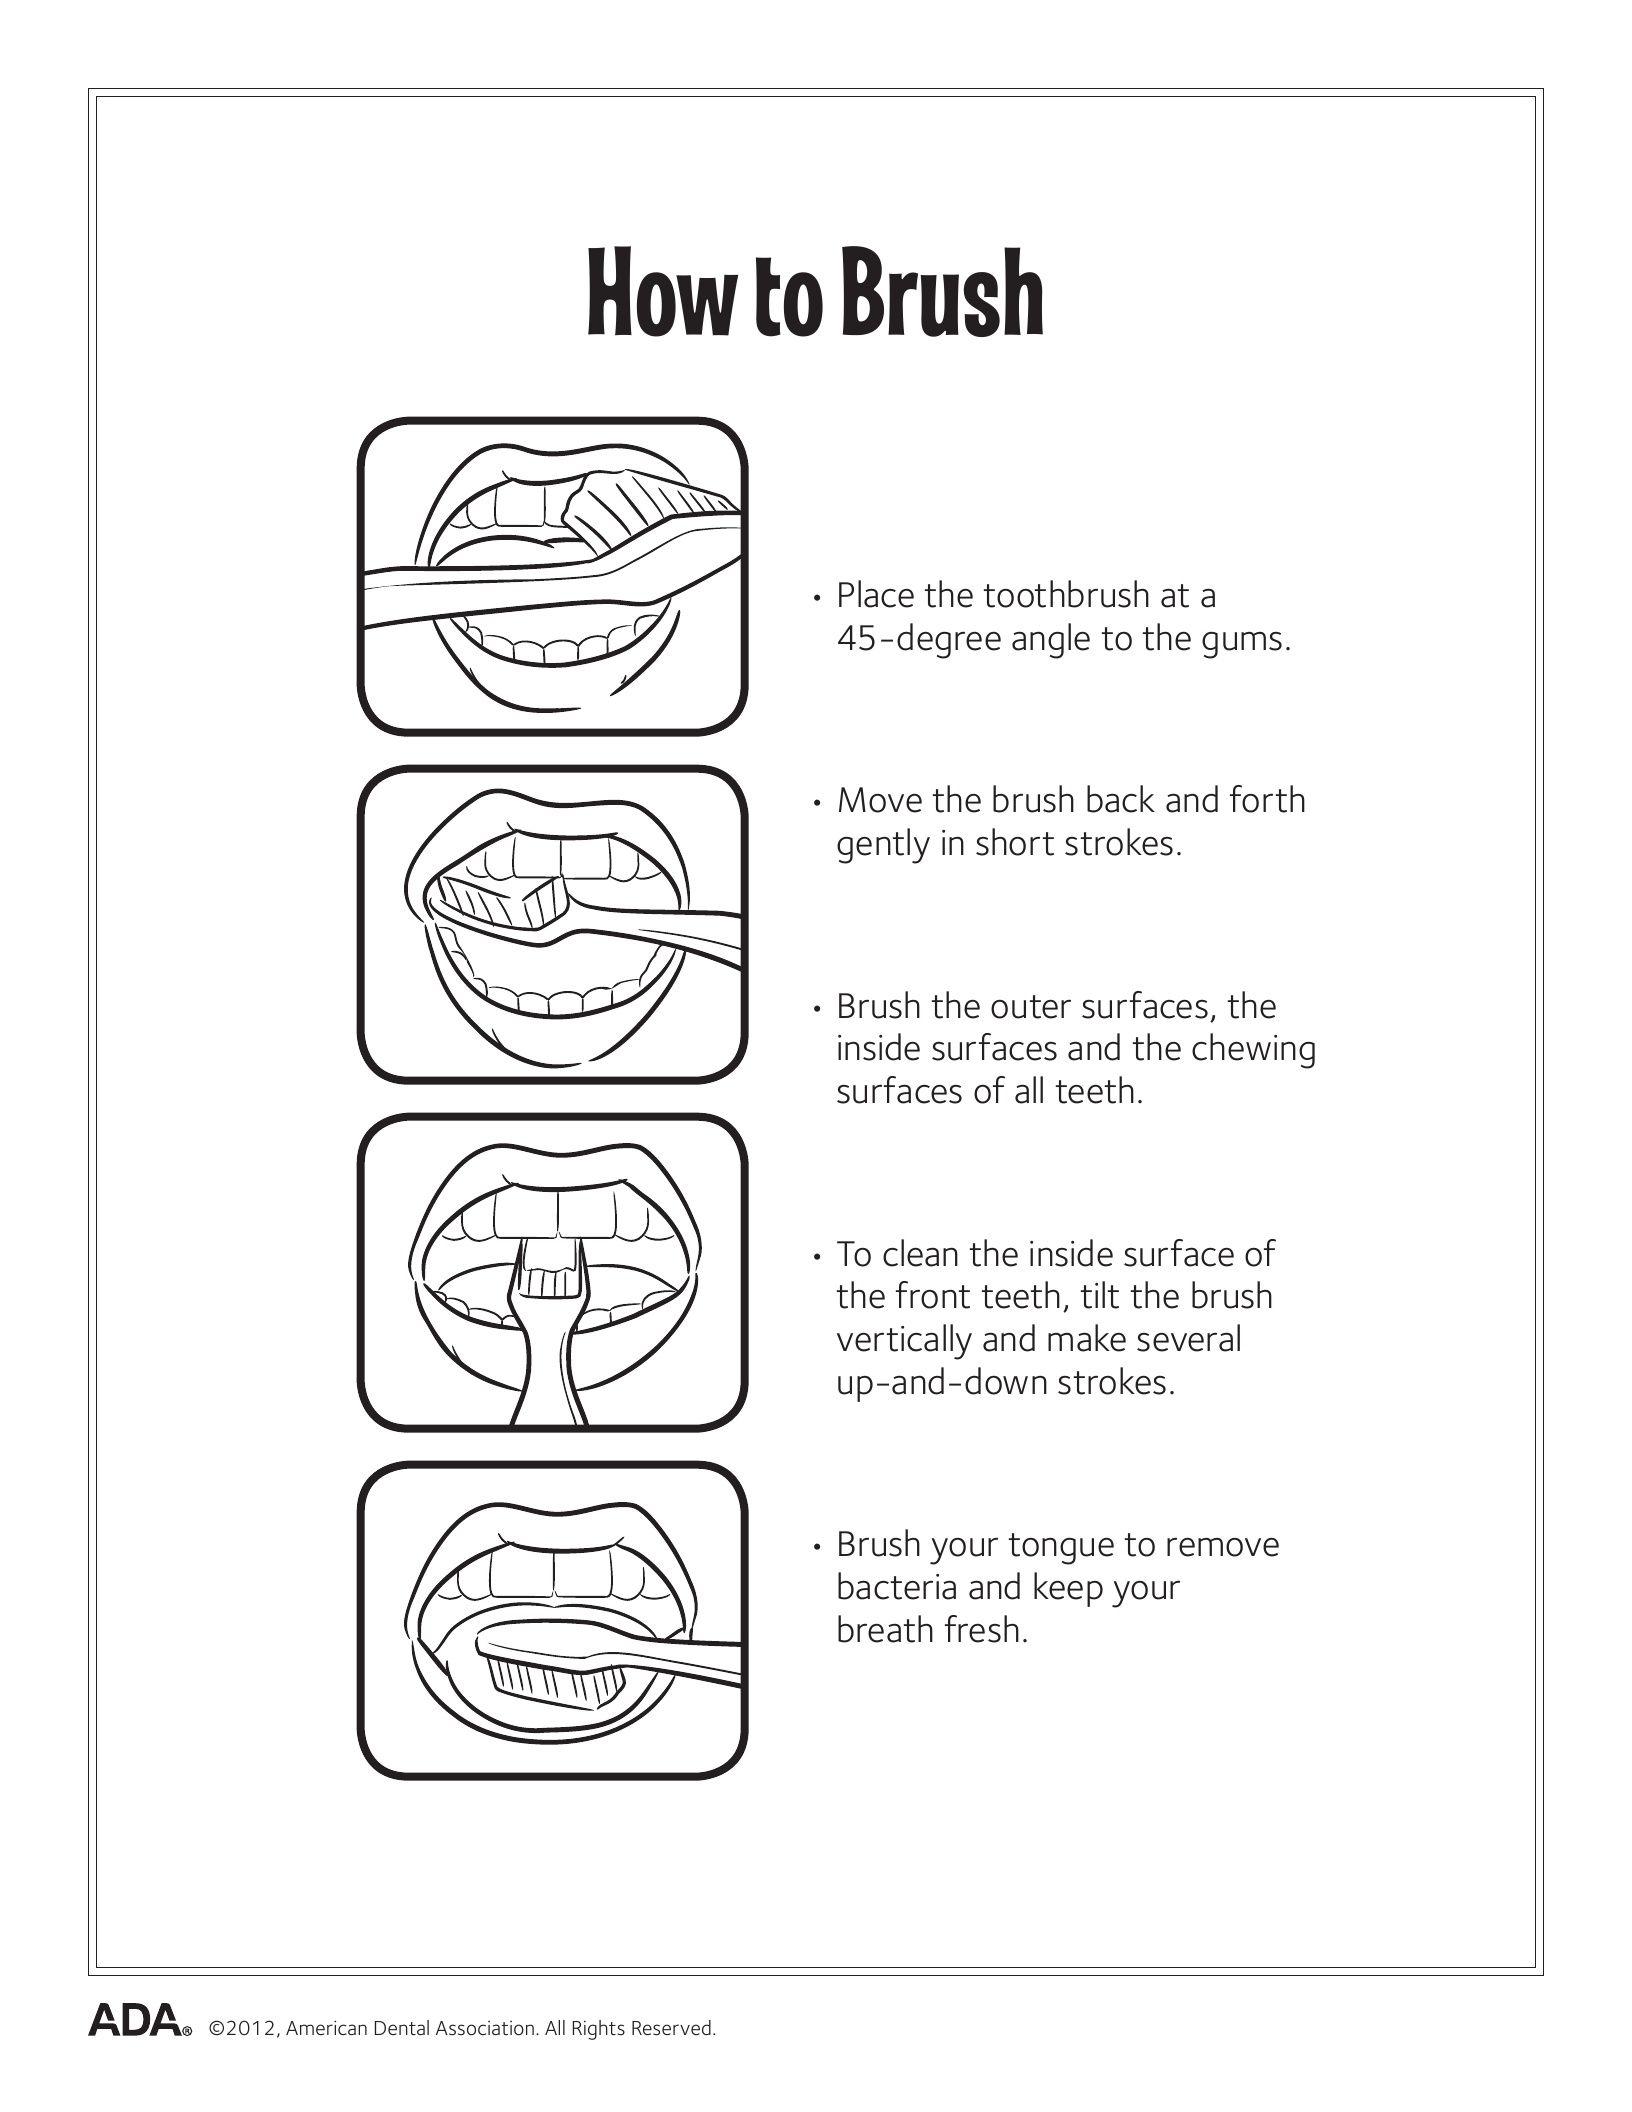 Worksheets Dental Hygiene Worksheets collection of dental hygiene worksheets sharebrowse 11 health activity sheets oral made easy dental